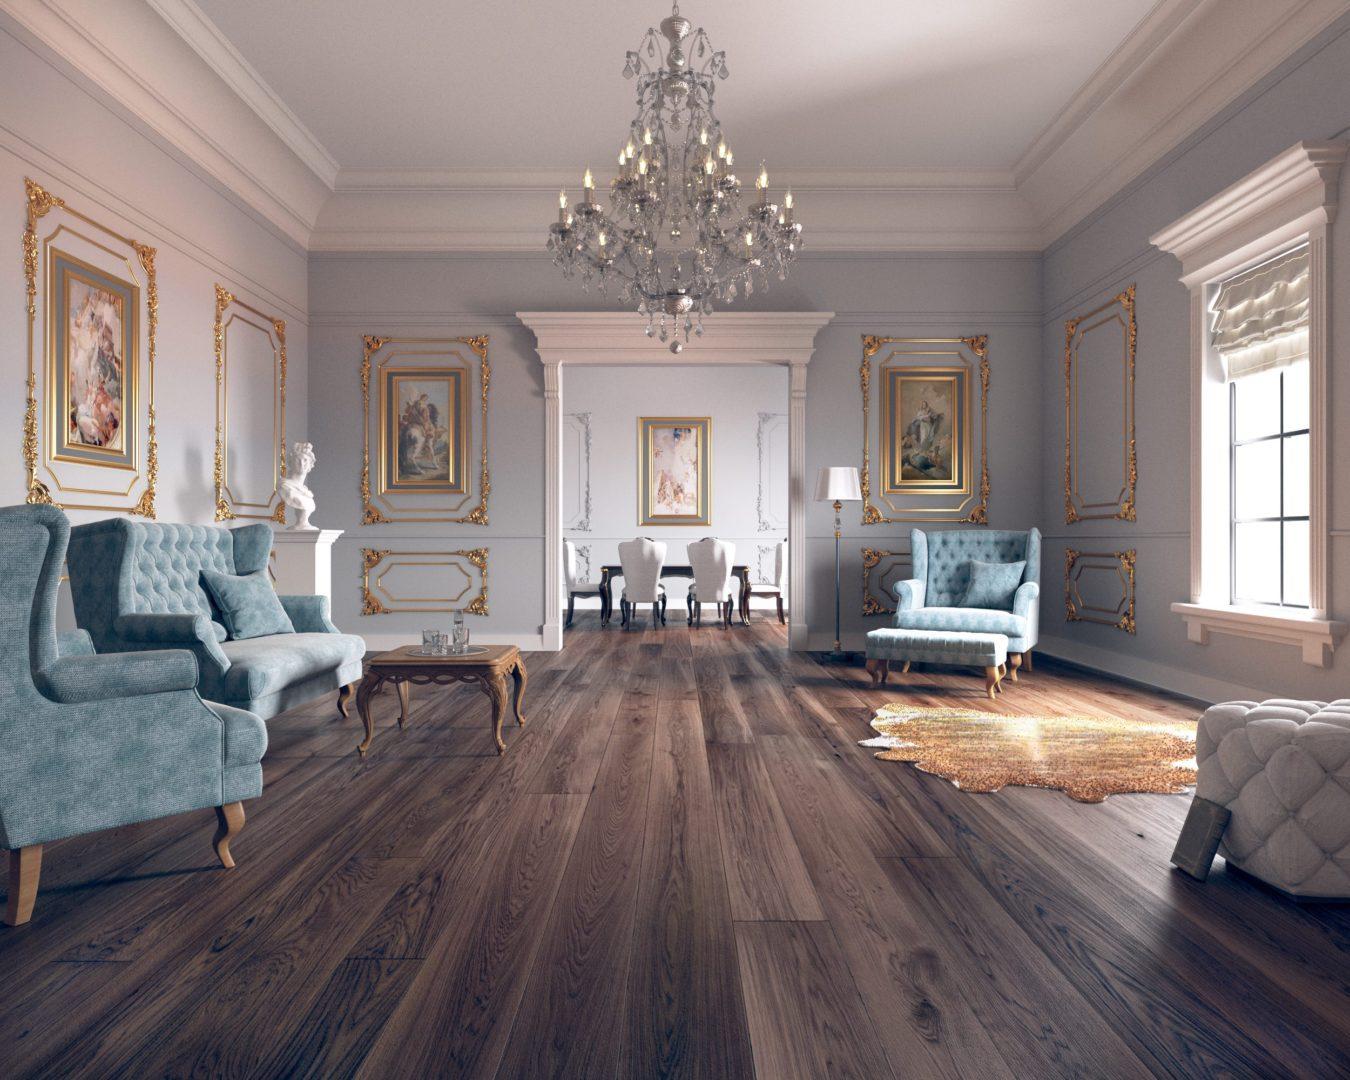 Varvage luxury livingroom